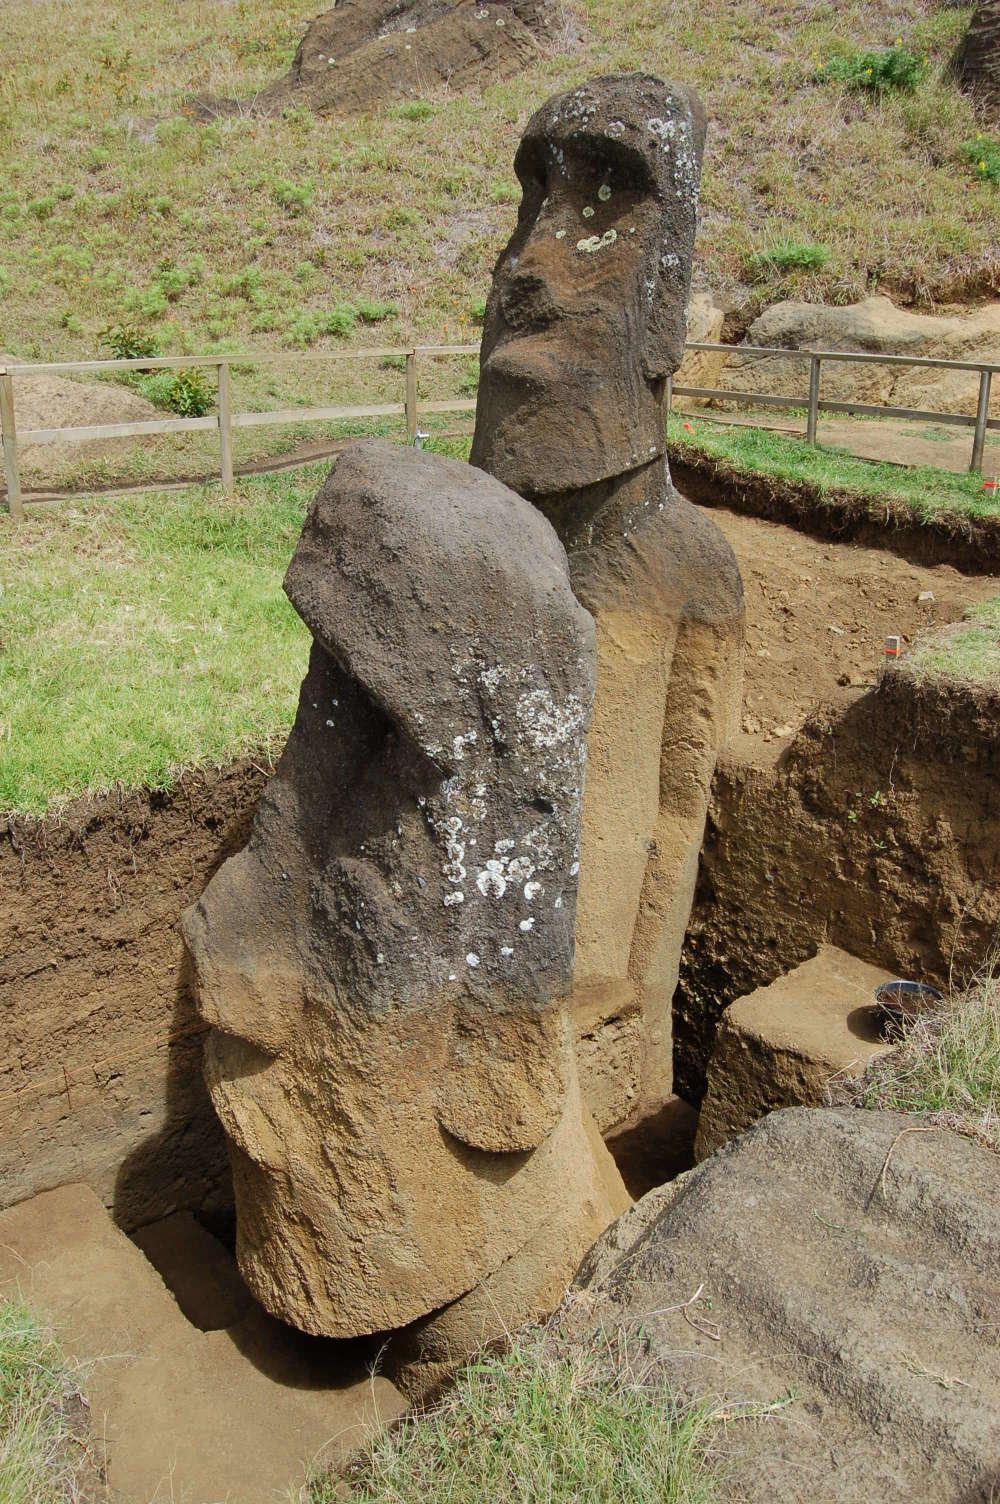 Nowe odkrycie może wyjaśniać, po co powstały gigantyczne posągi Rapa Nui na Wyspie Wielkanocnej